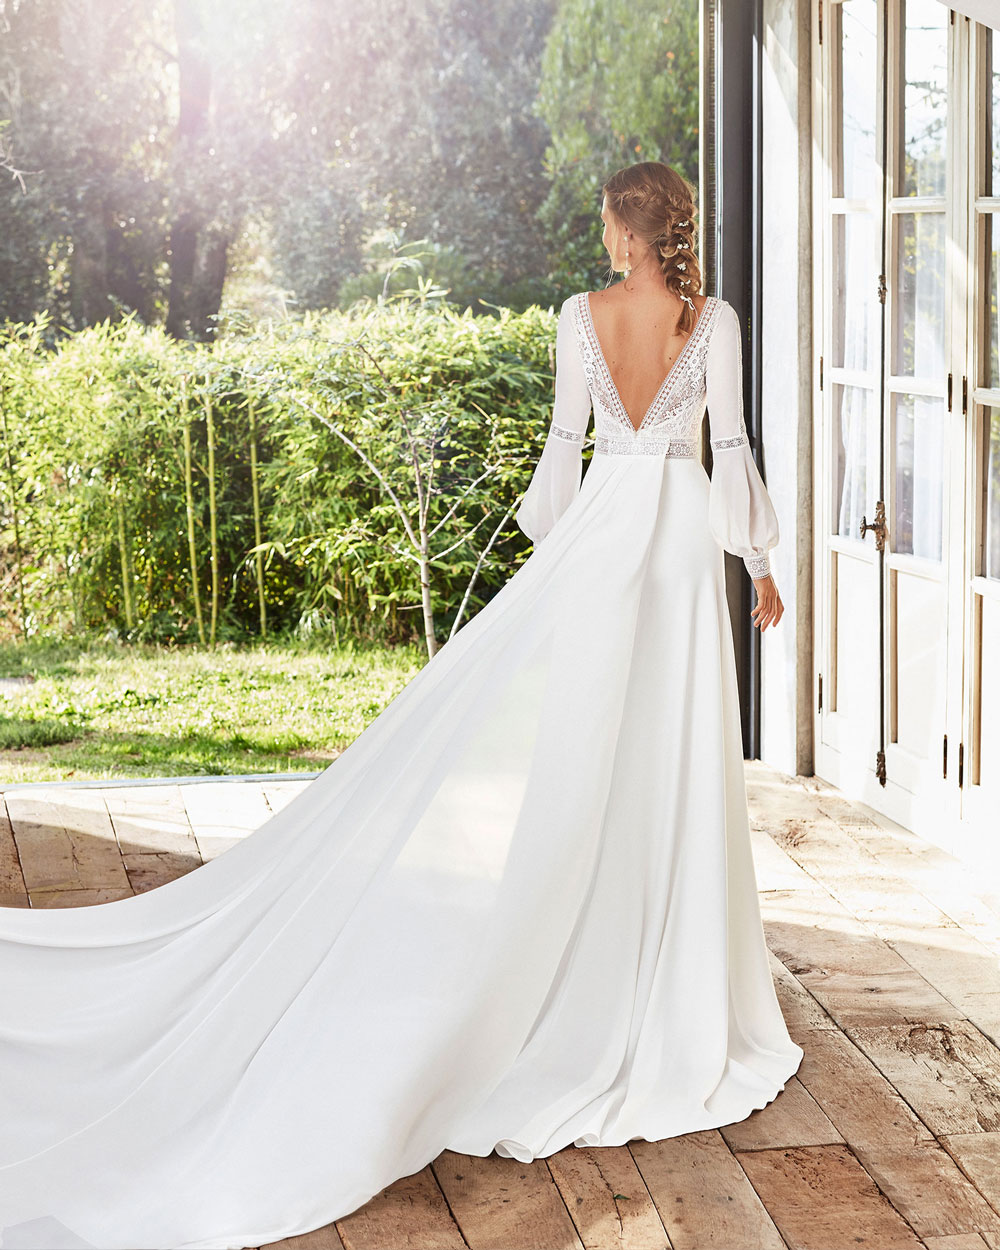 vestido de novia 2020 CAIMAD ROSA CLARA 2